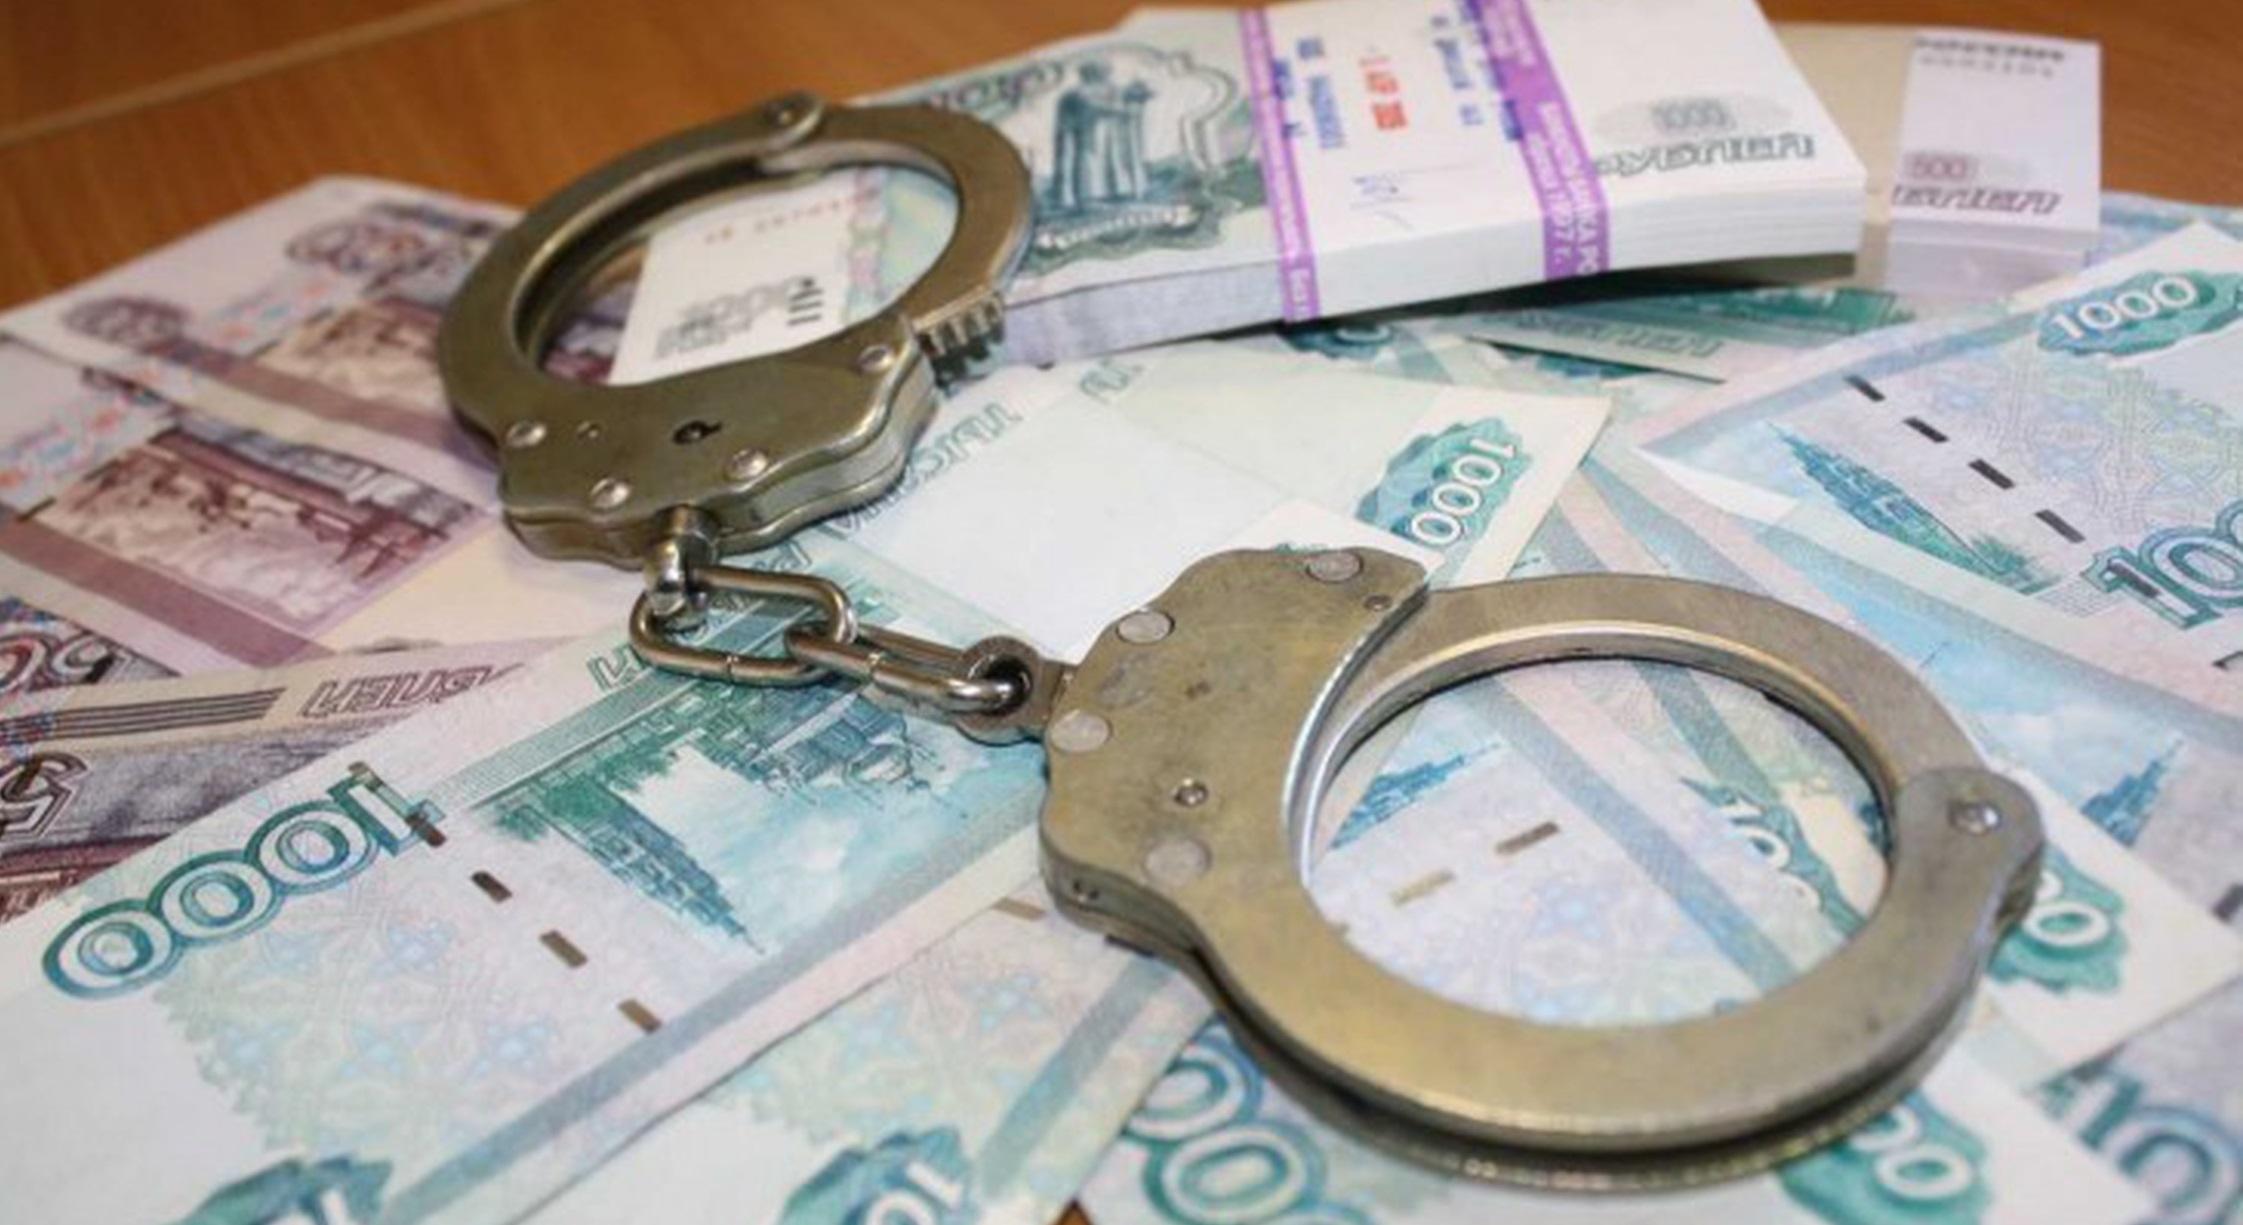 В Алтайском крае осуждено трое местных жителей за хищение 3,3 млн. рублей из федерального бюджета при возмещении налогов